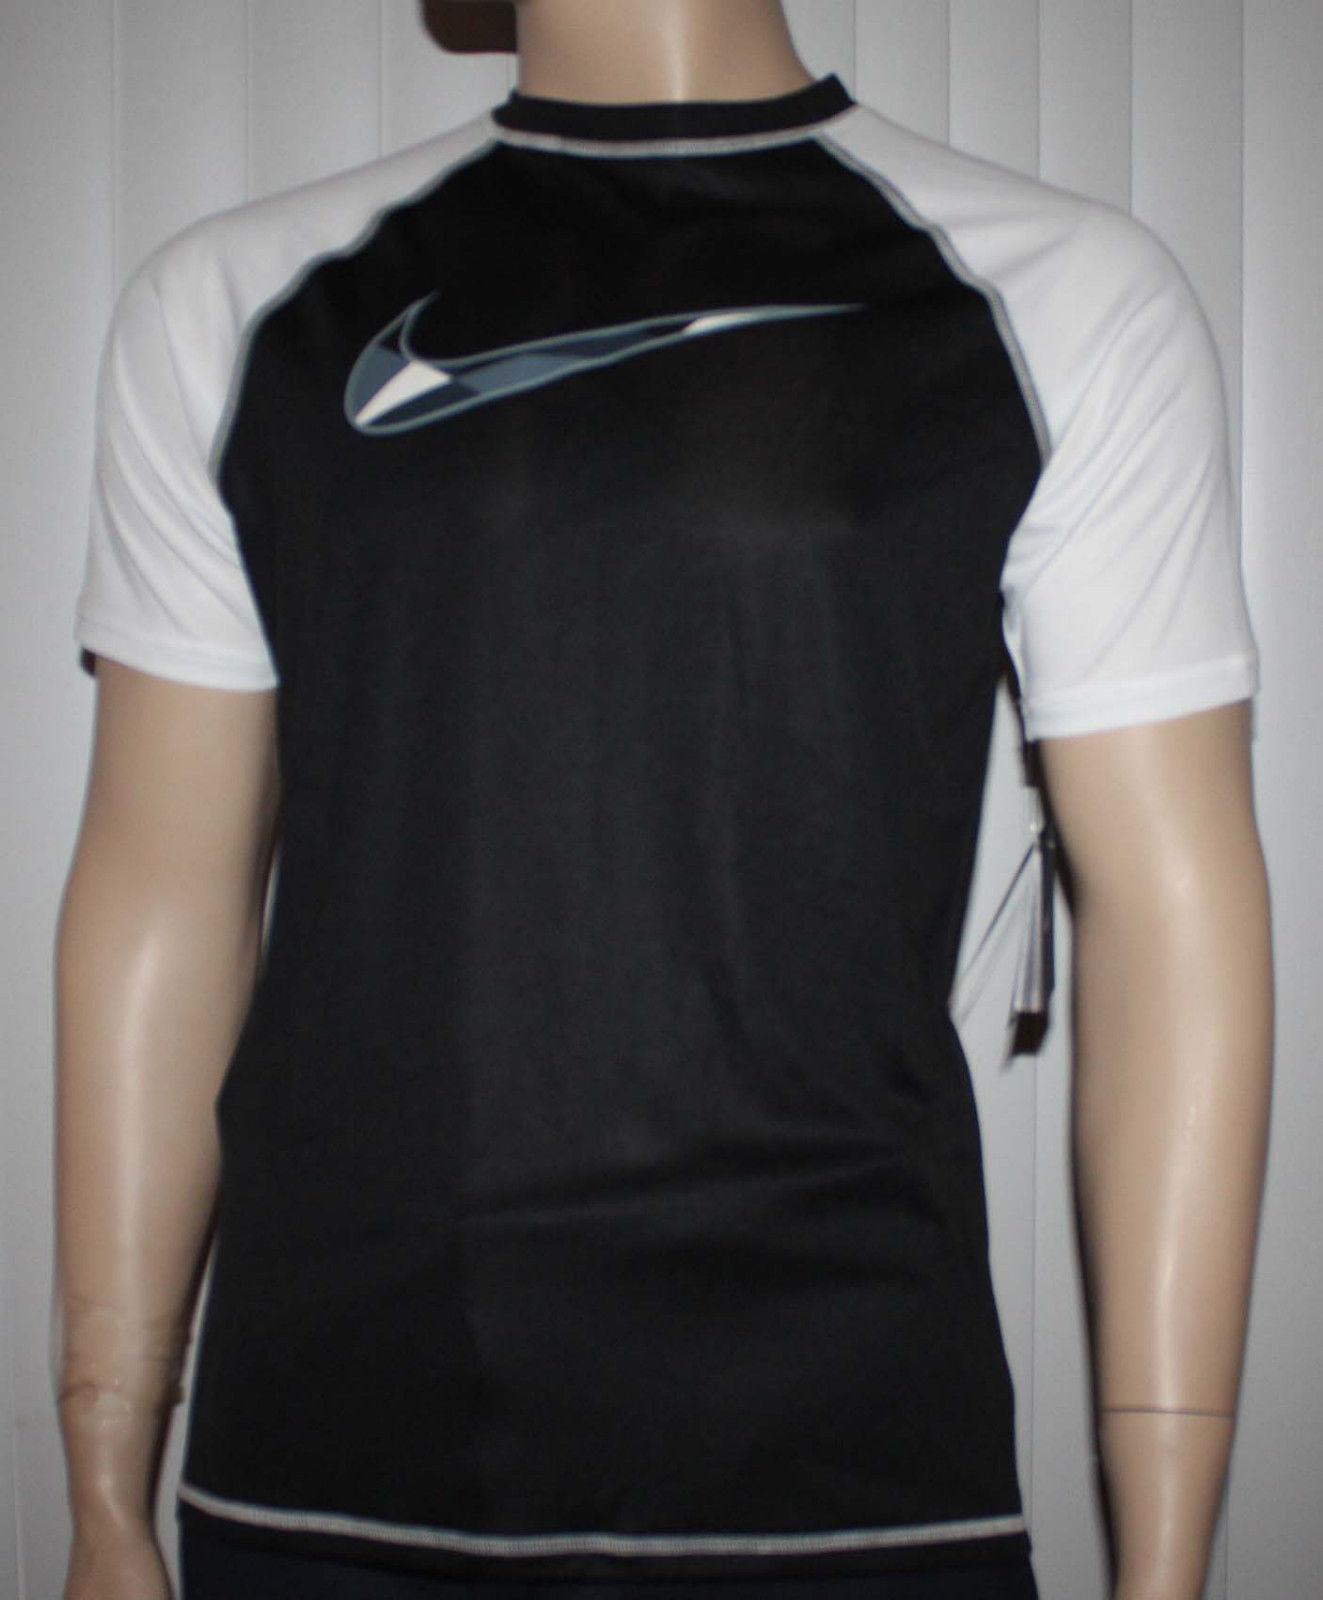 Nike Men's Dri-Fit Black/White Checked Swoosh UPF 40 + Shirt (Large) 11390